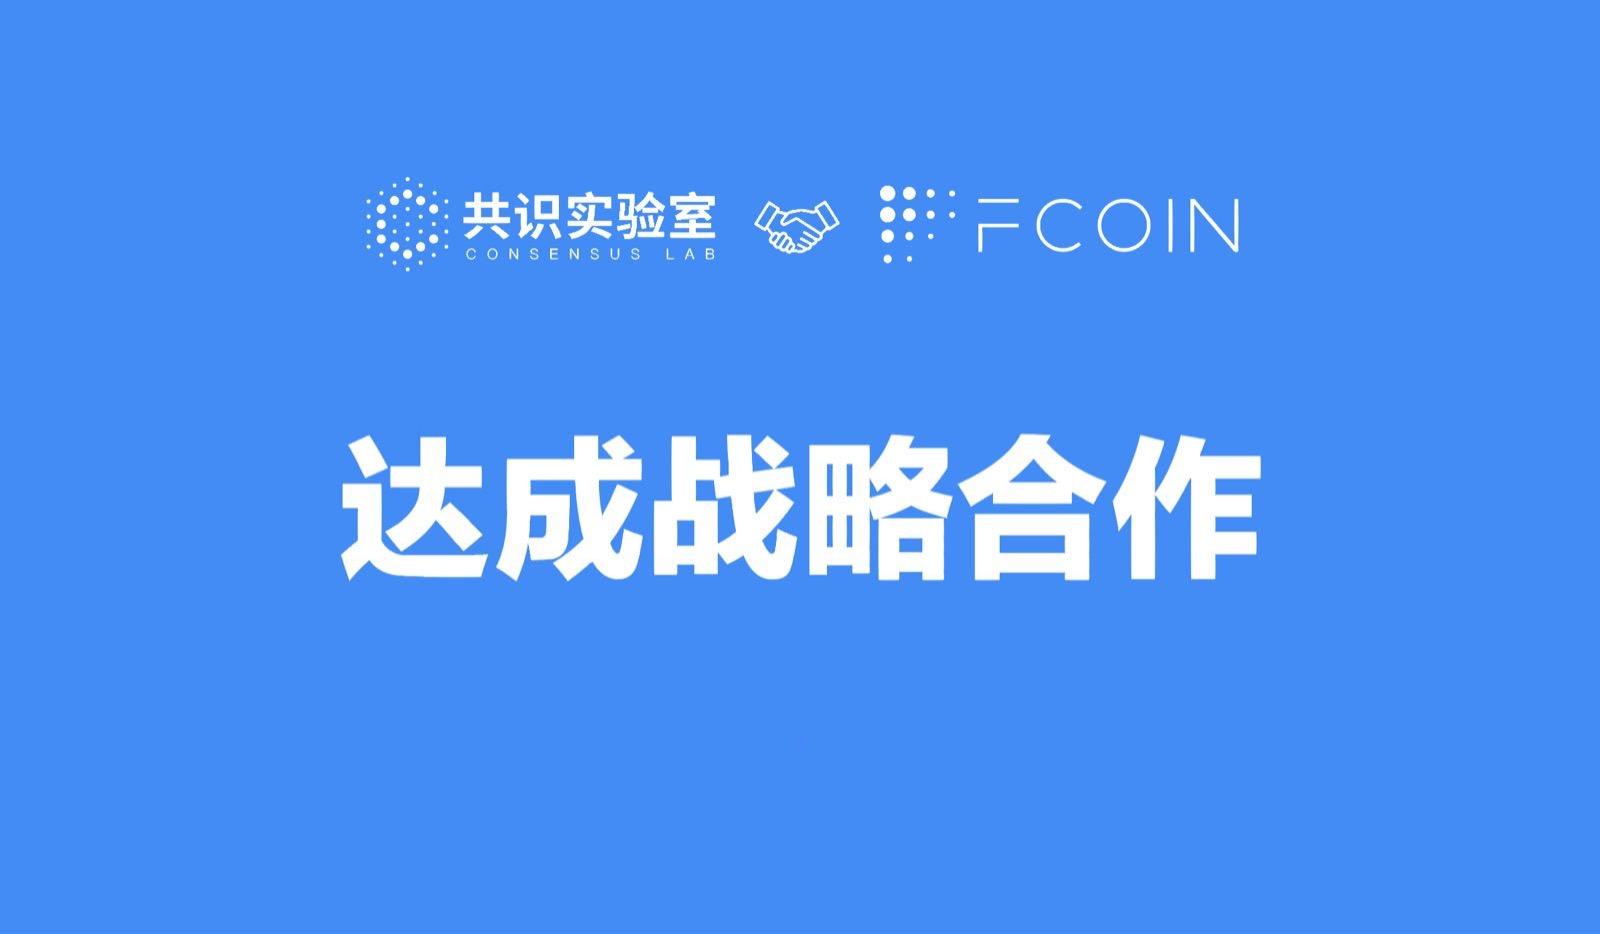 共识实验室宣布已完成1亿FT收购,计划进一步增持并推动FCoin重组